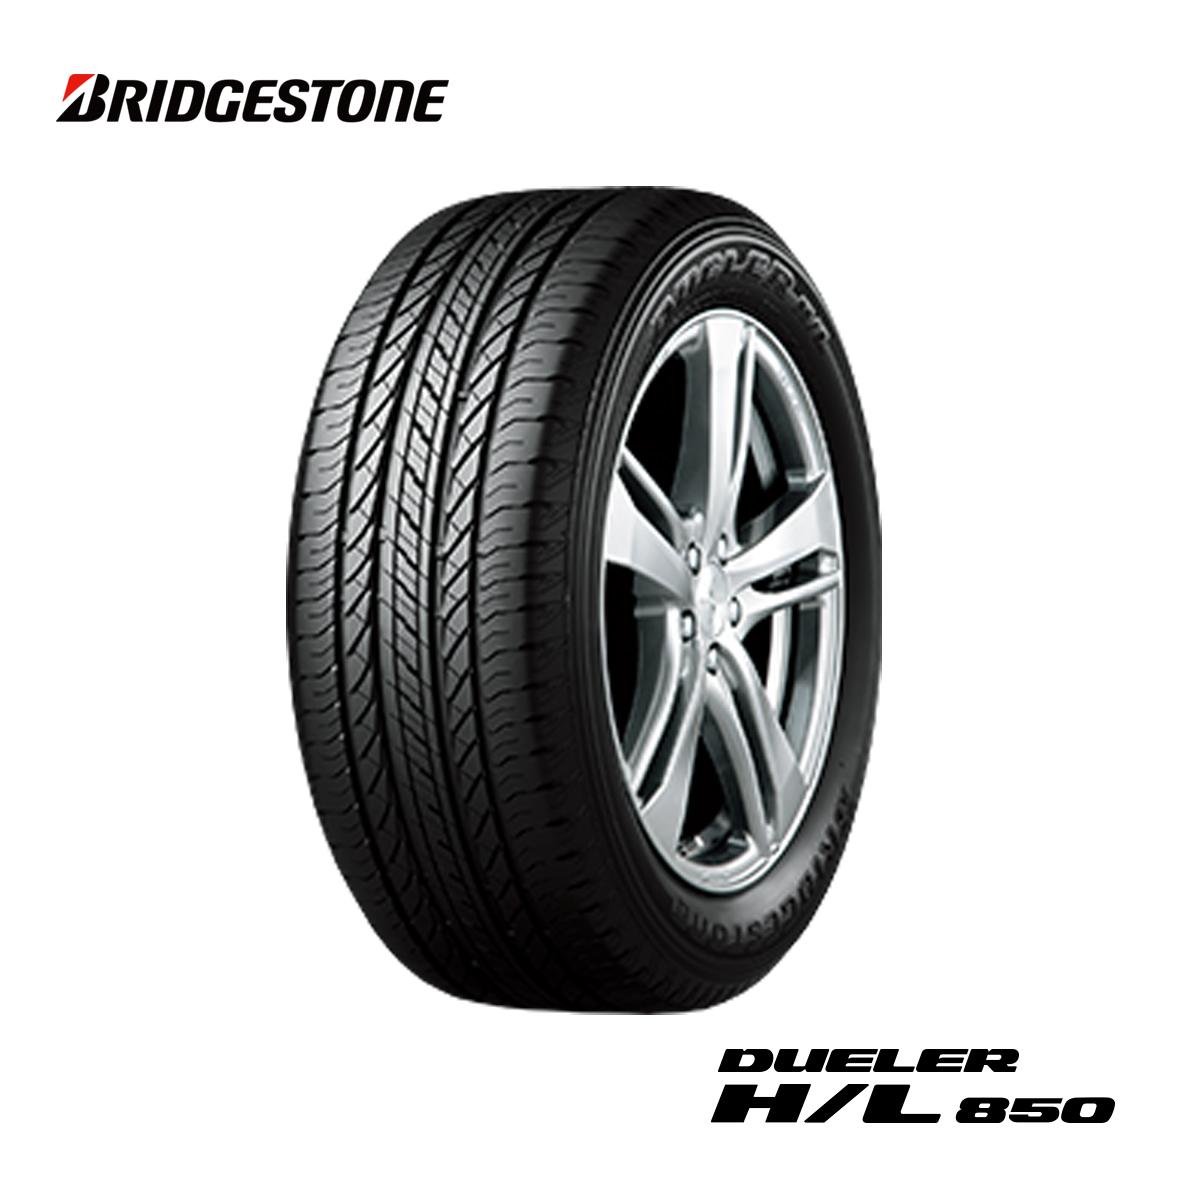 ブリヂストン BS 18インチ タイヤ 255/55R18 255 55 18 デューラー サマー タイヤ 4本 4WD SUV オフロード タイヤ BRIDGESTONE DUELER H/L850